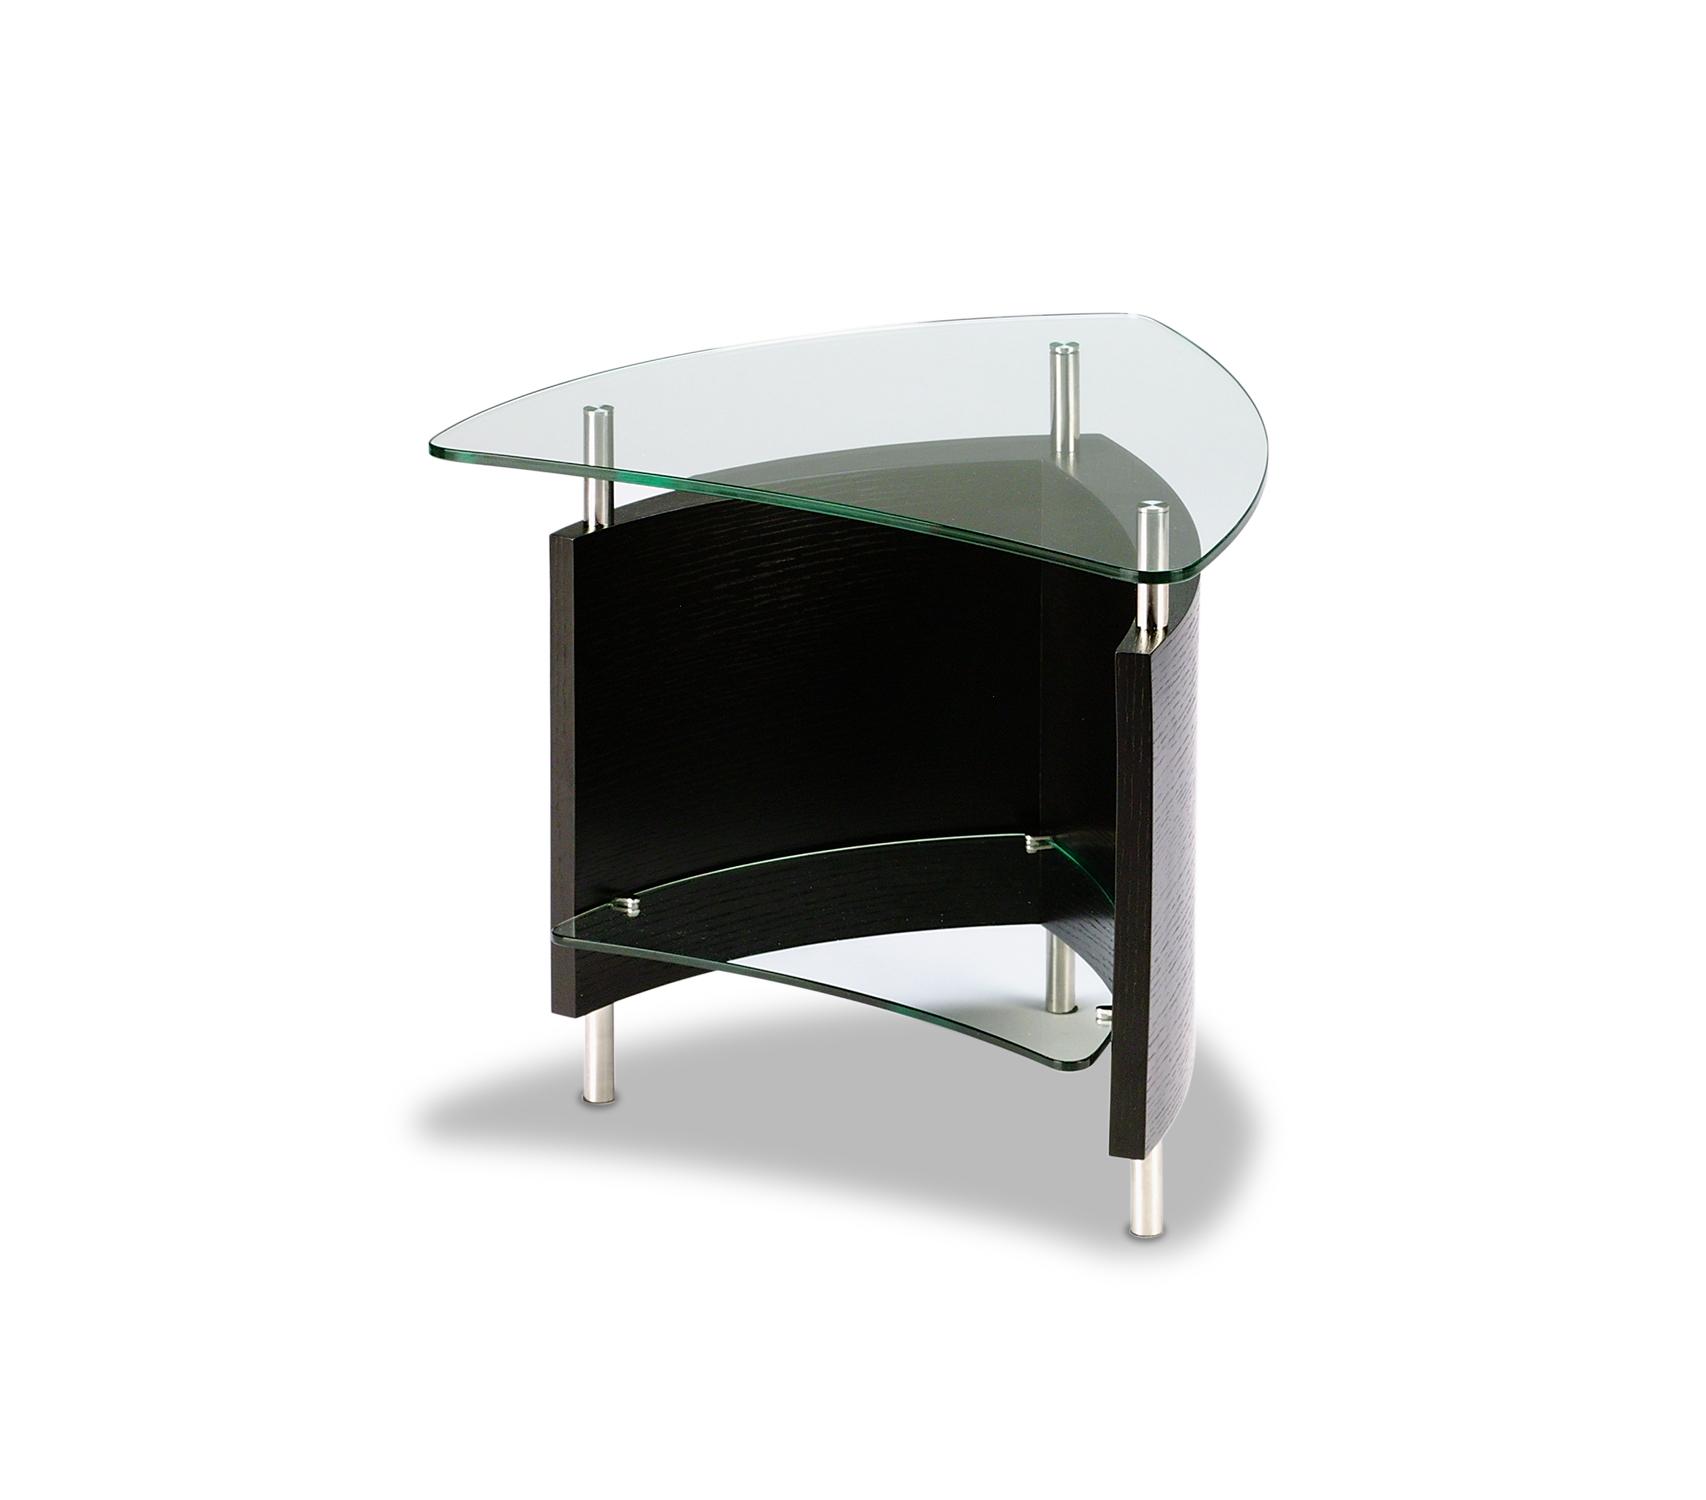 fin-1110-espresso-bdi-contemporary-coffee-tables-3